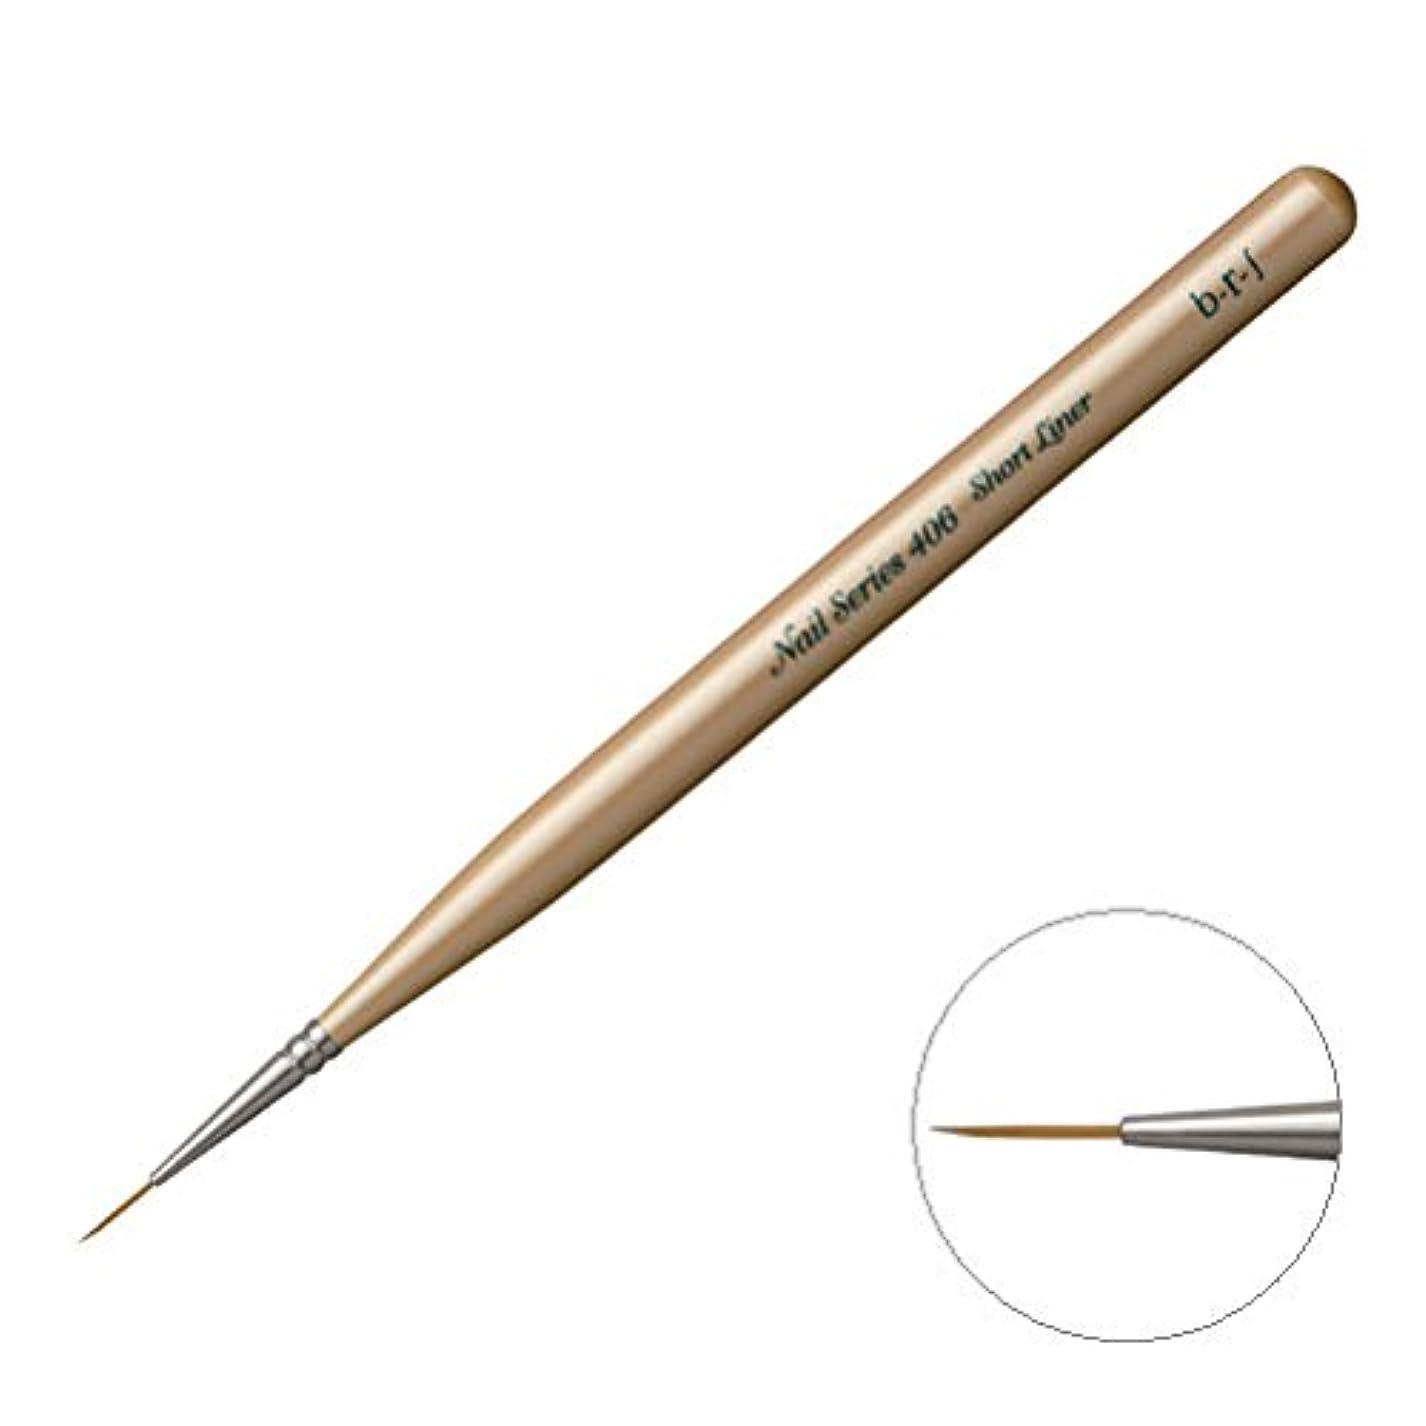 ペン押し下げる余暇b-r-s 406 ショートライナーフ゛ラシ ナイロン毛